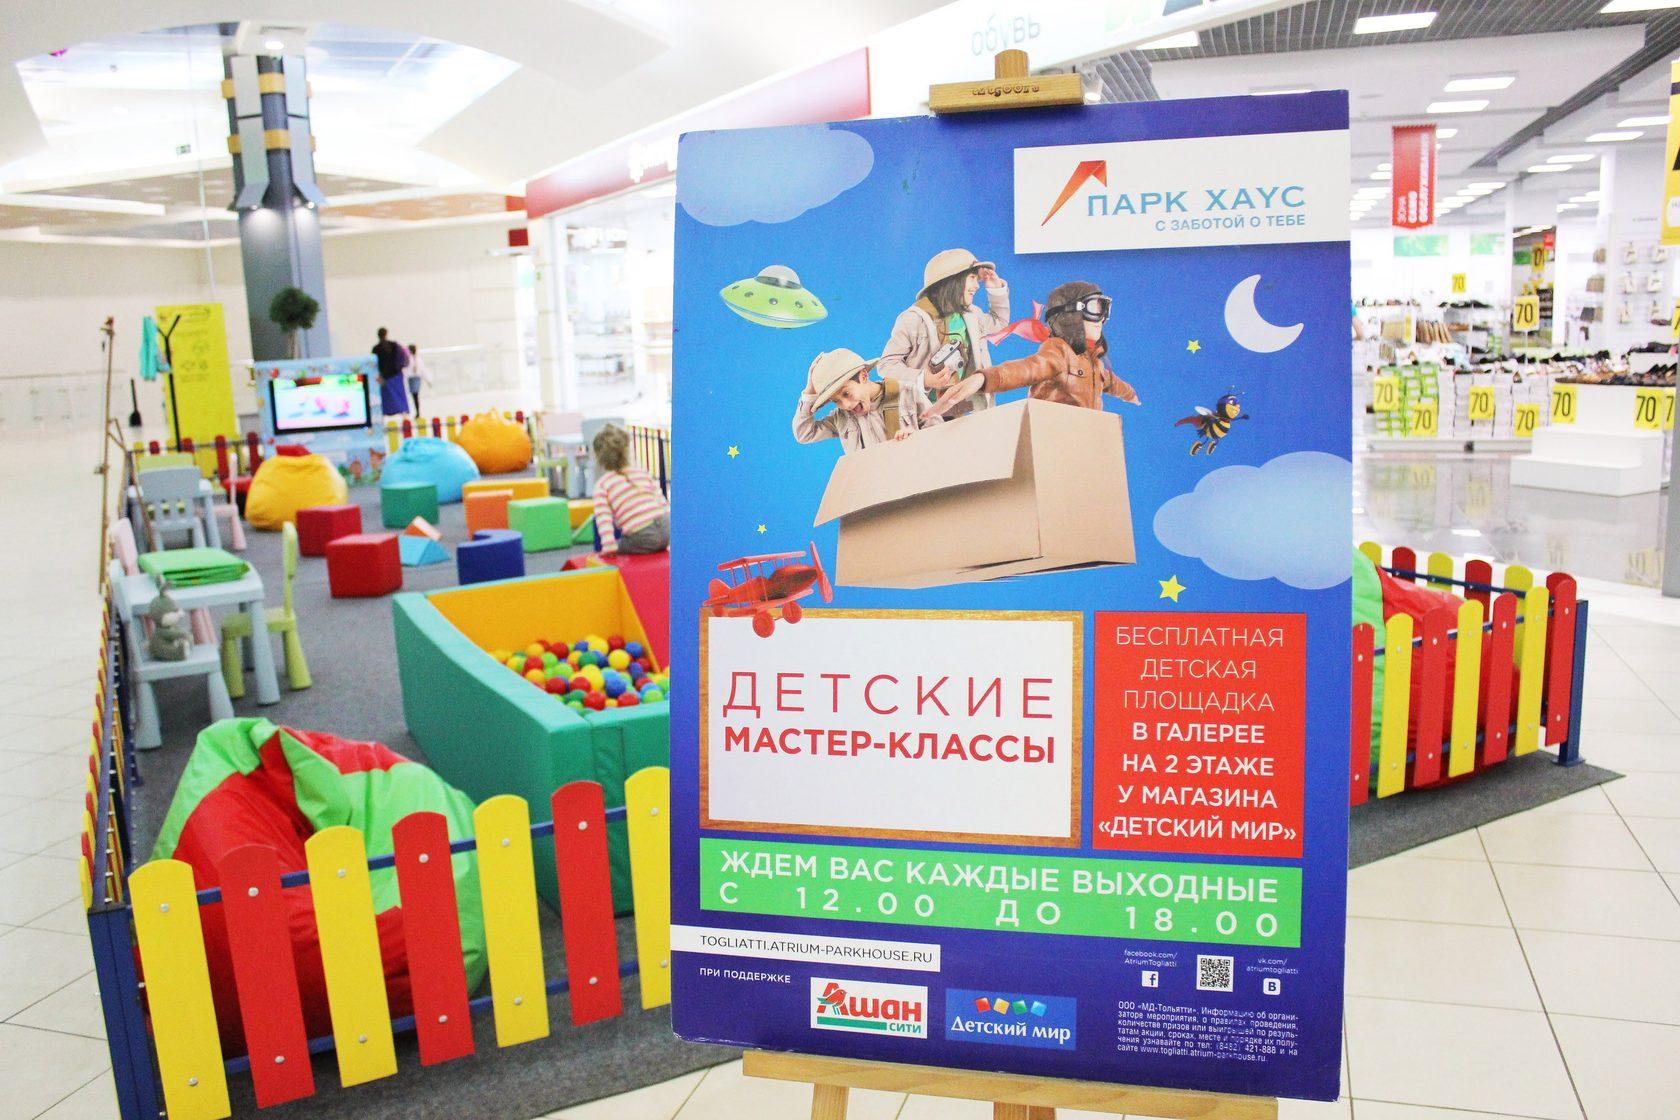 Казино тольятти парк хаус каталог кто открывает казино в сочи